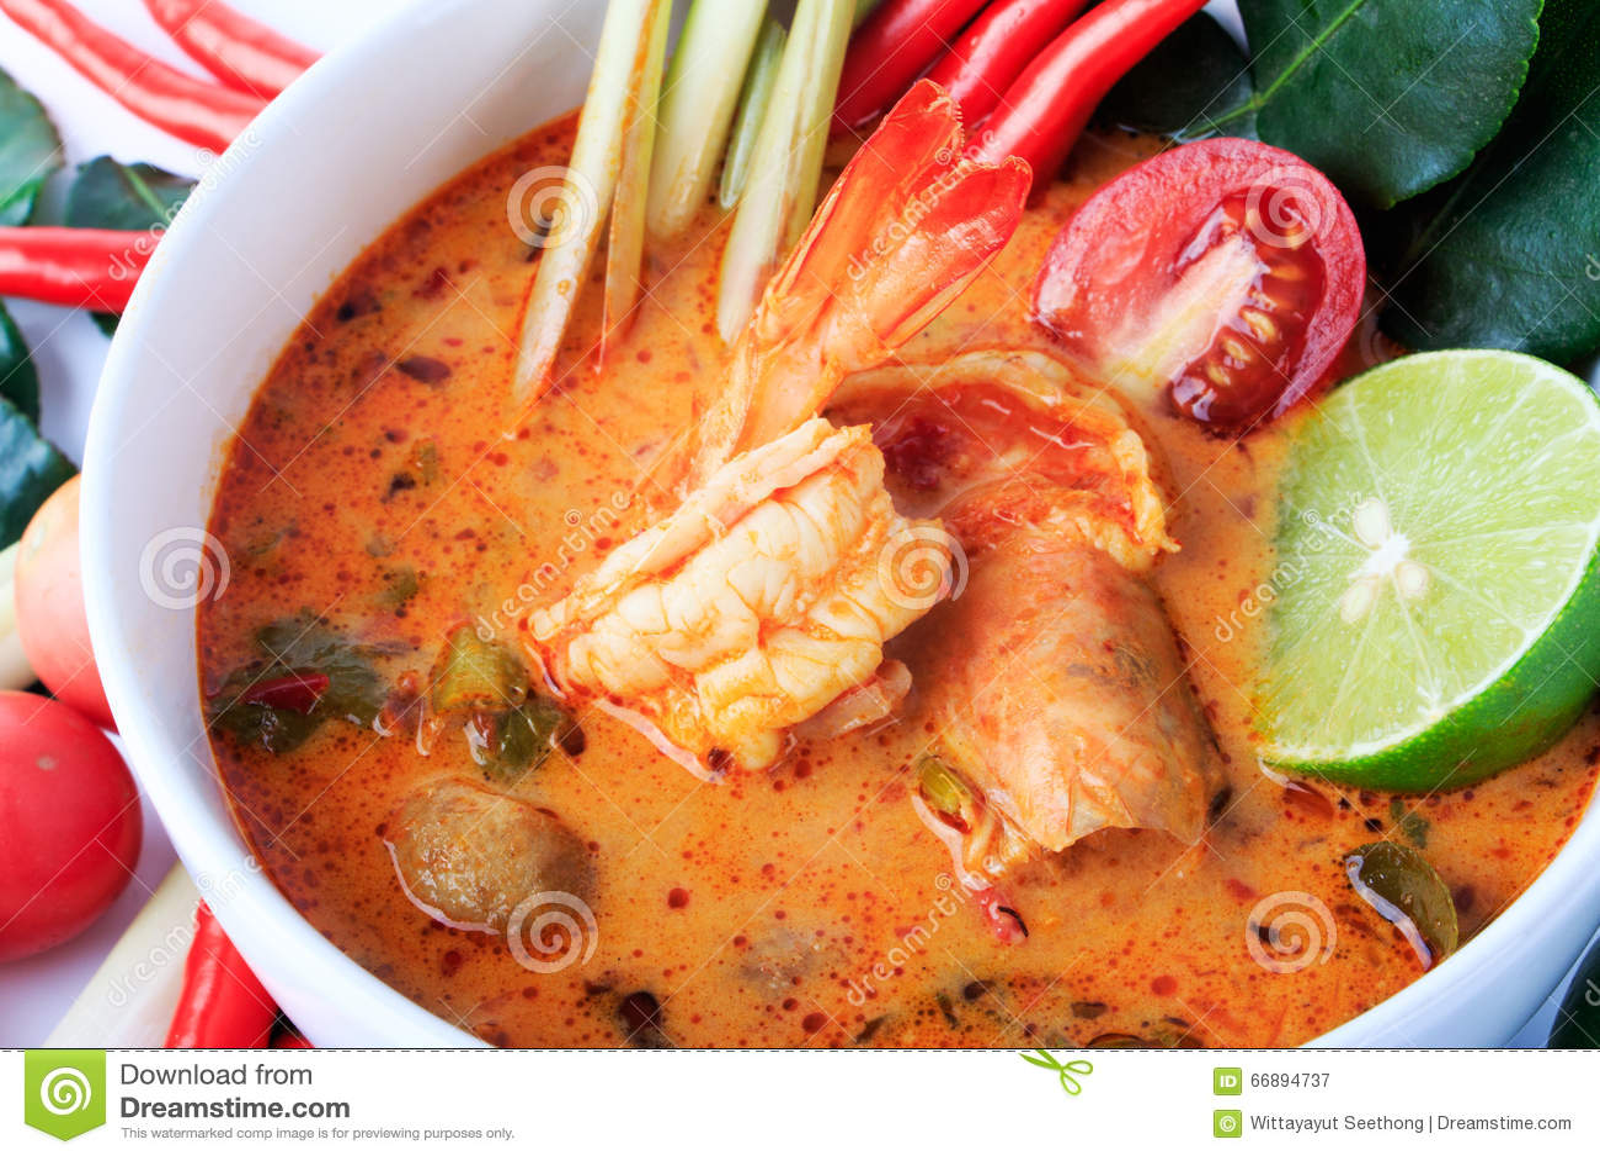 Sopa tailandesa de la gamba con el Cymbopogon (Tom Yum Goong) en el fondo blanco